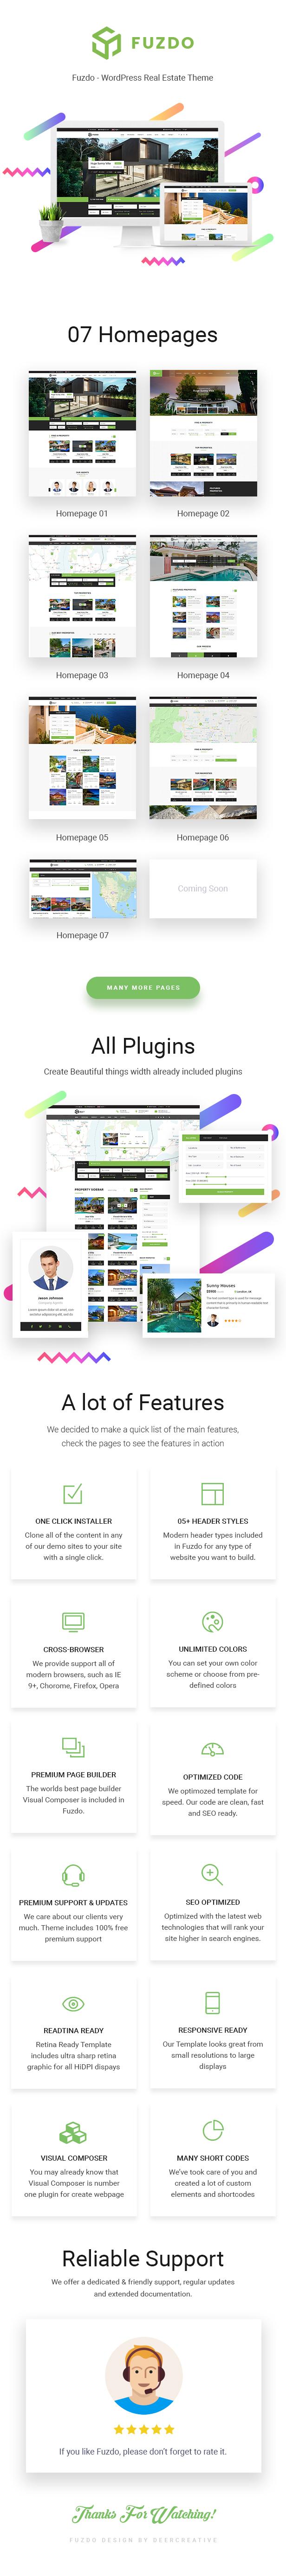 Fuzdo - Real Estate WordPress Theme - 3